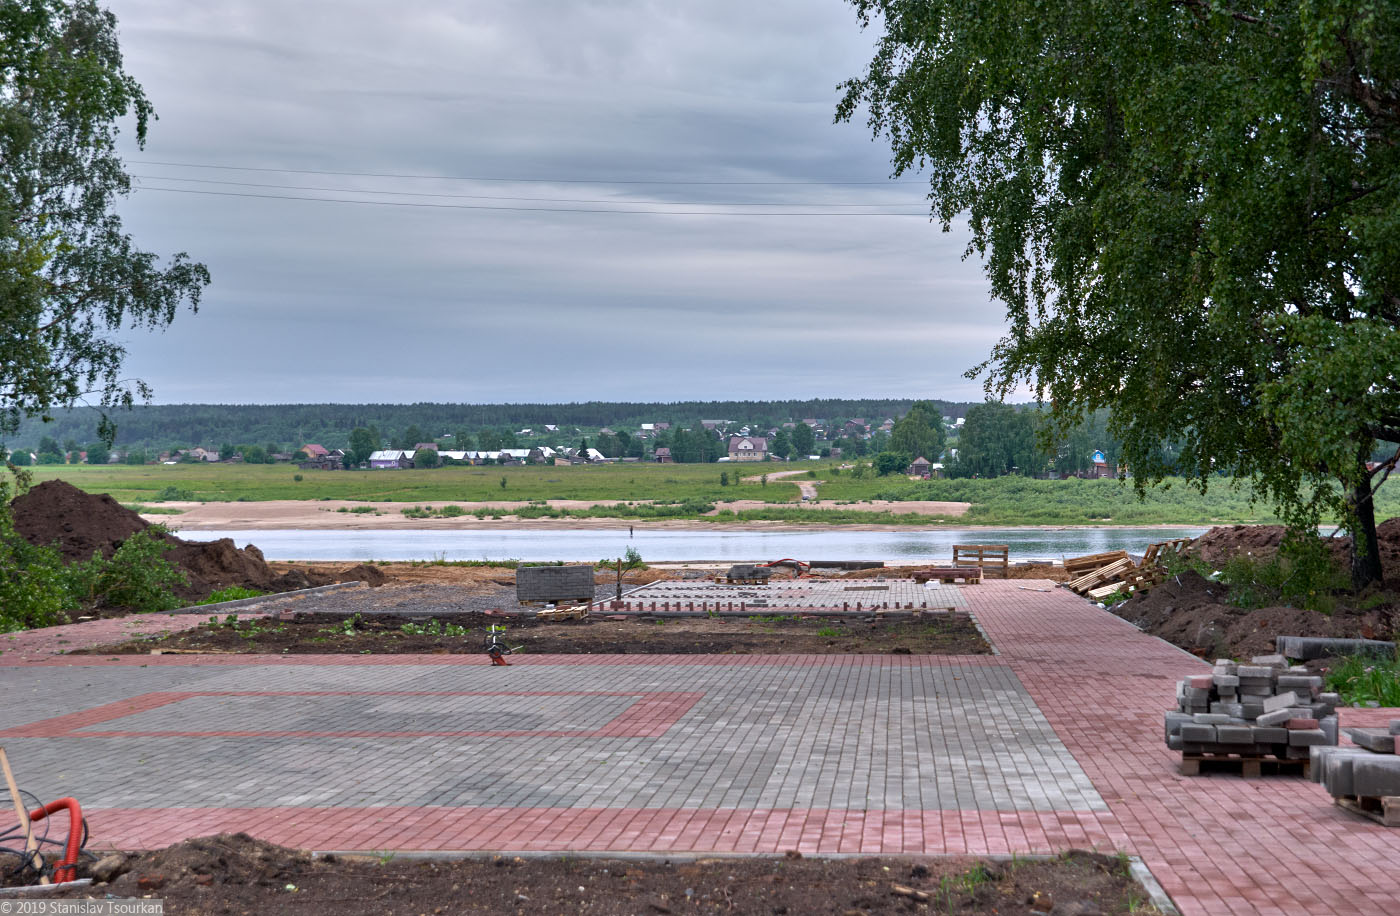 Вологодская область, Вологодчина, Великий устюг, Русский север, площадь Ленина, Сухона